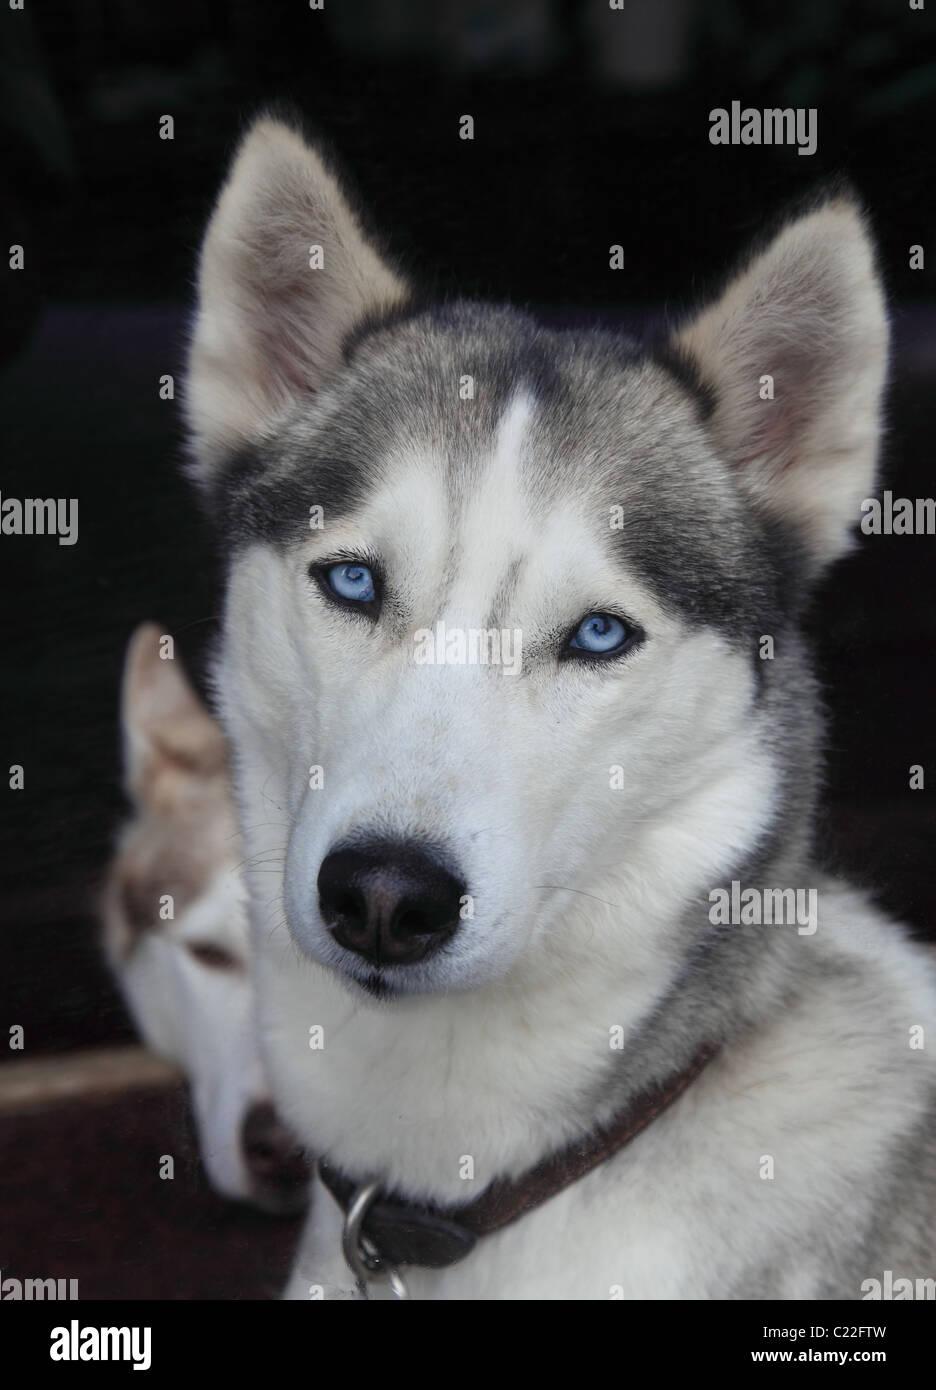 siberian-husky-C22FTW.jpg